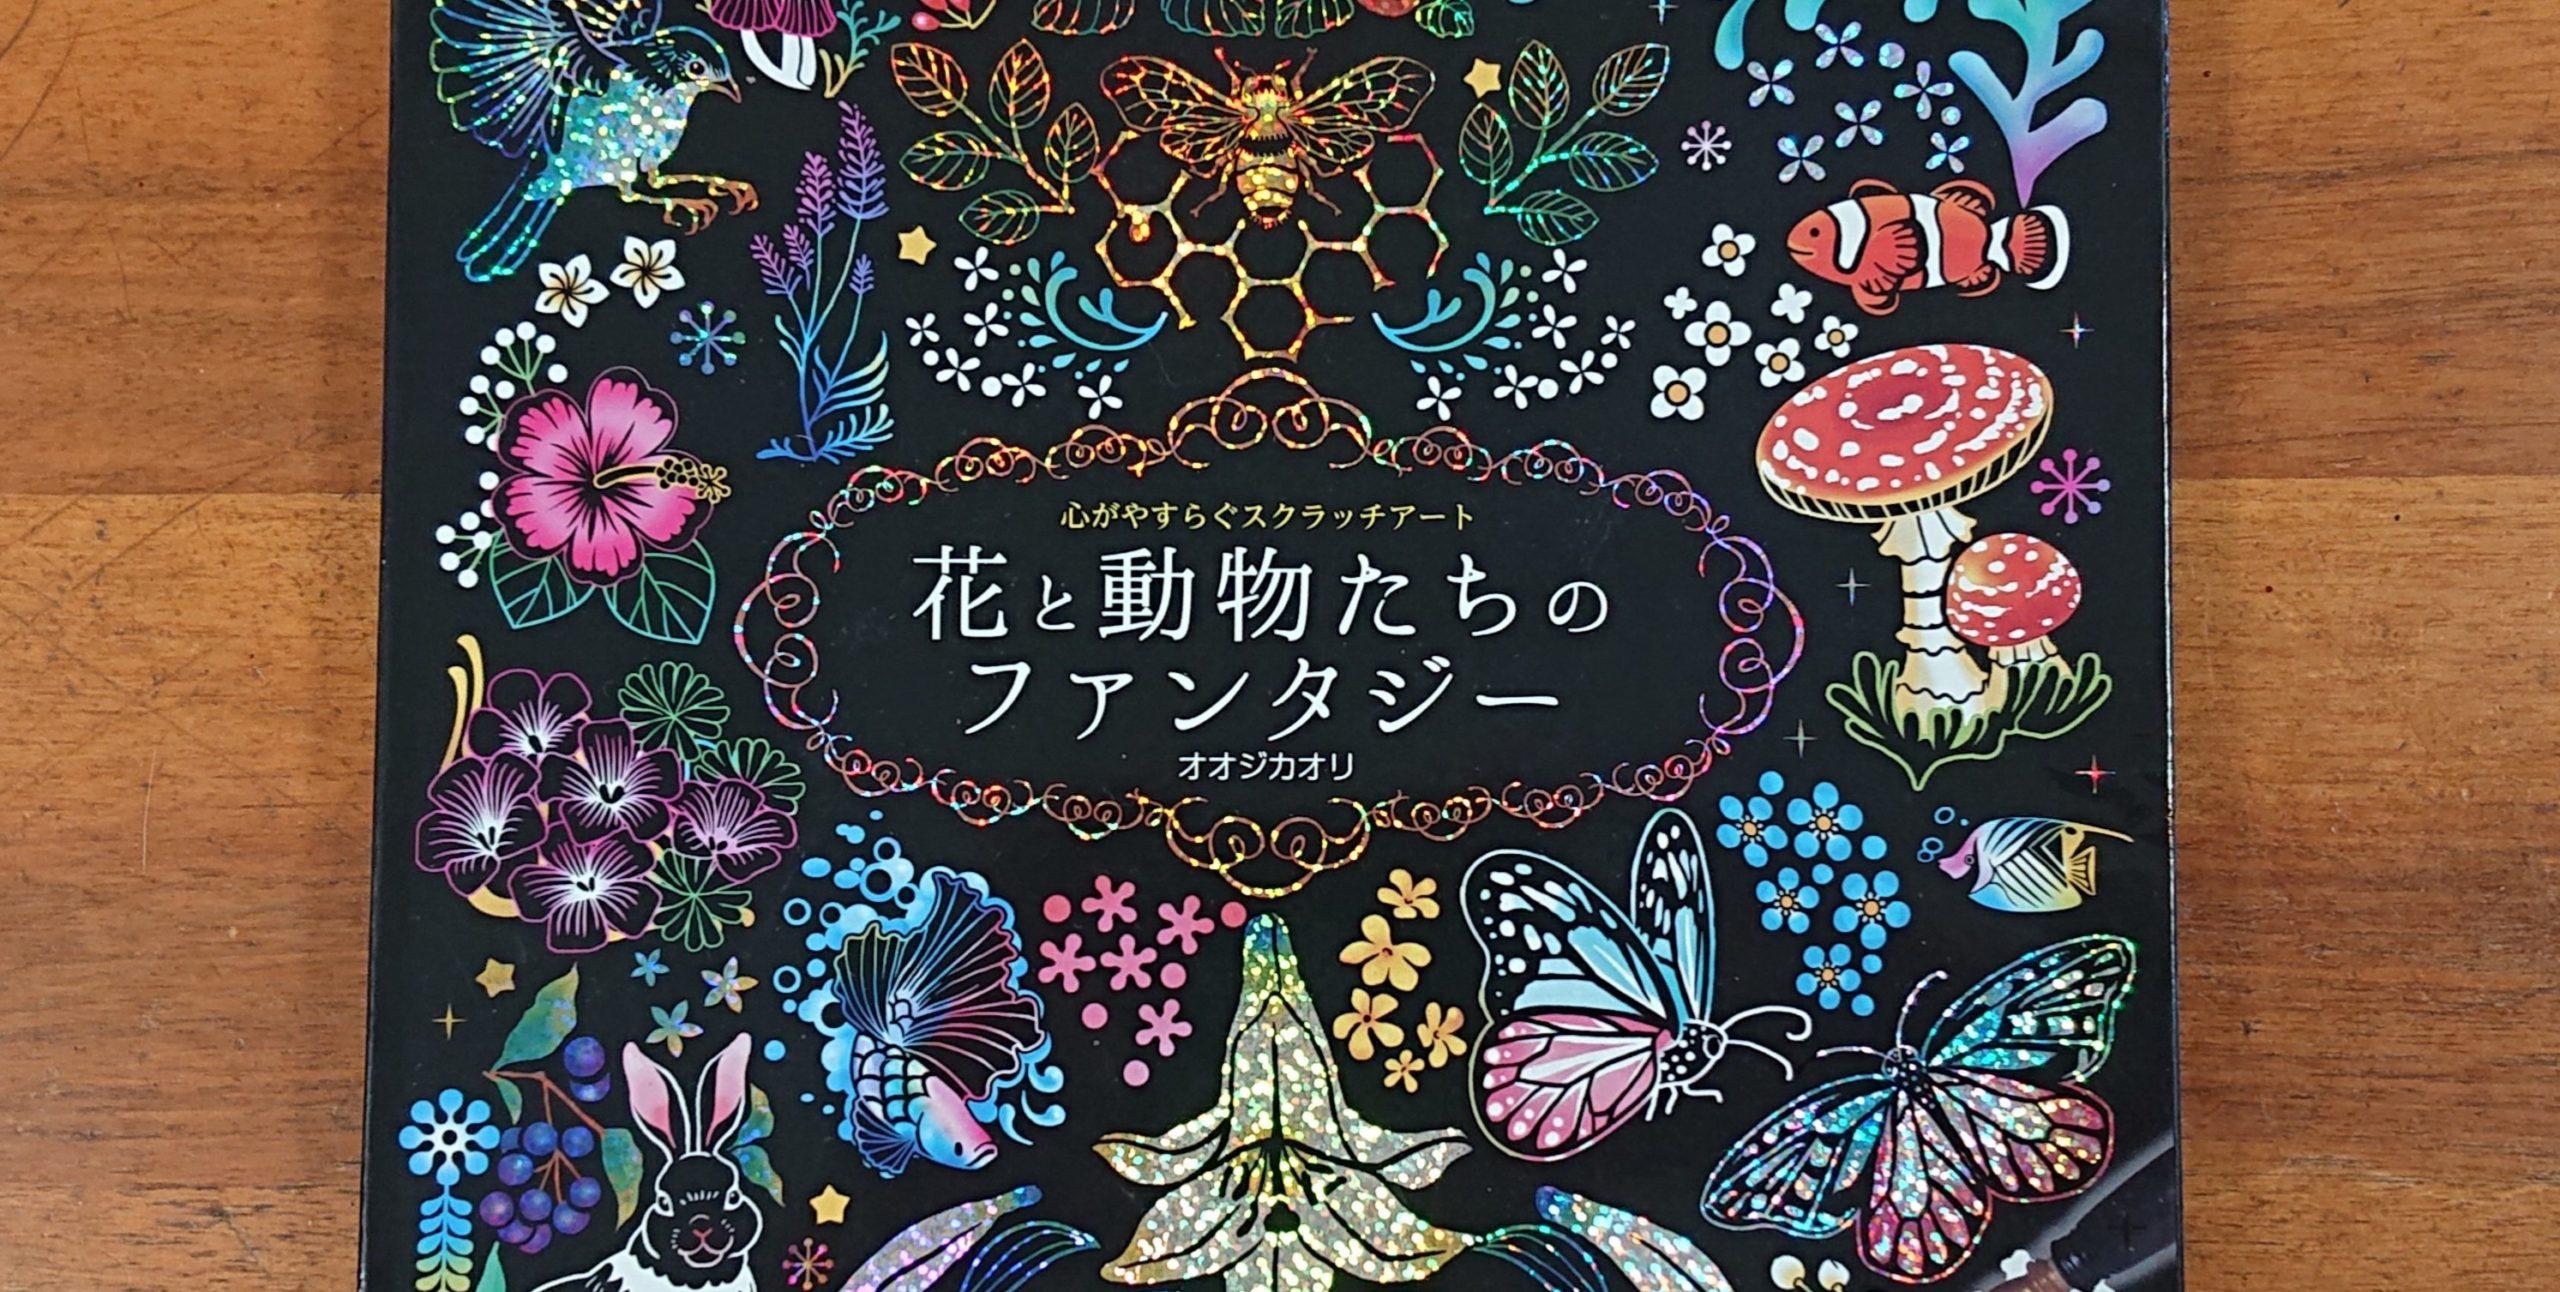 スクラッチアート 花と動物たちのファンタジーのレビュー